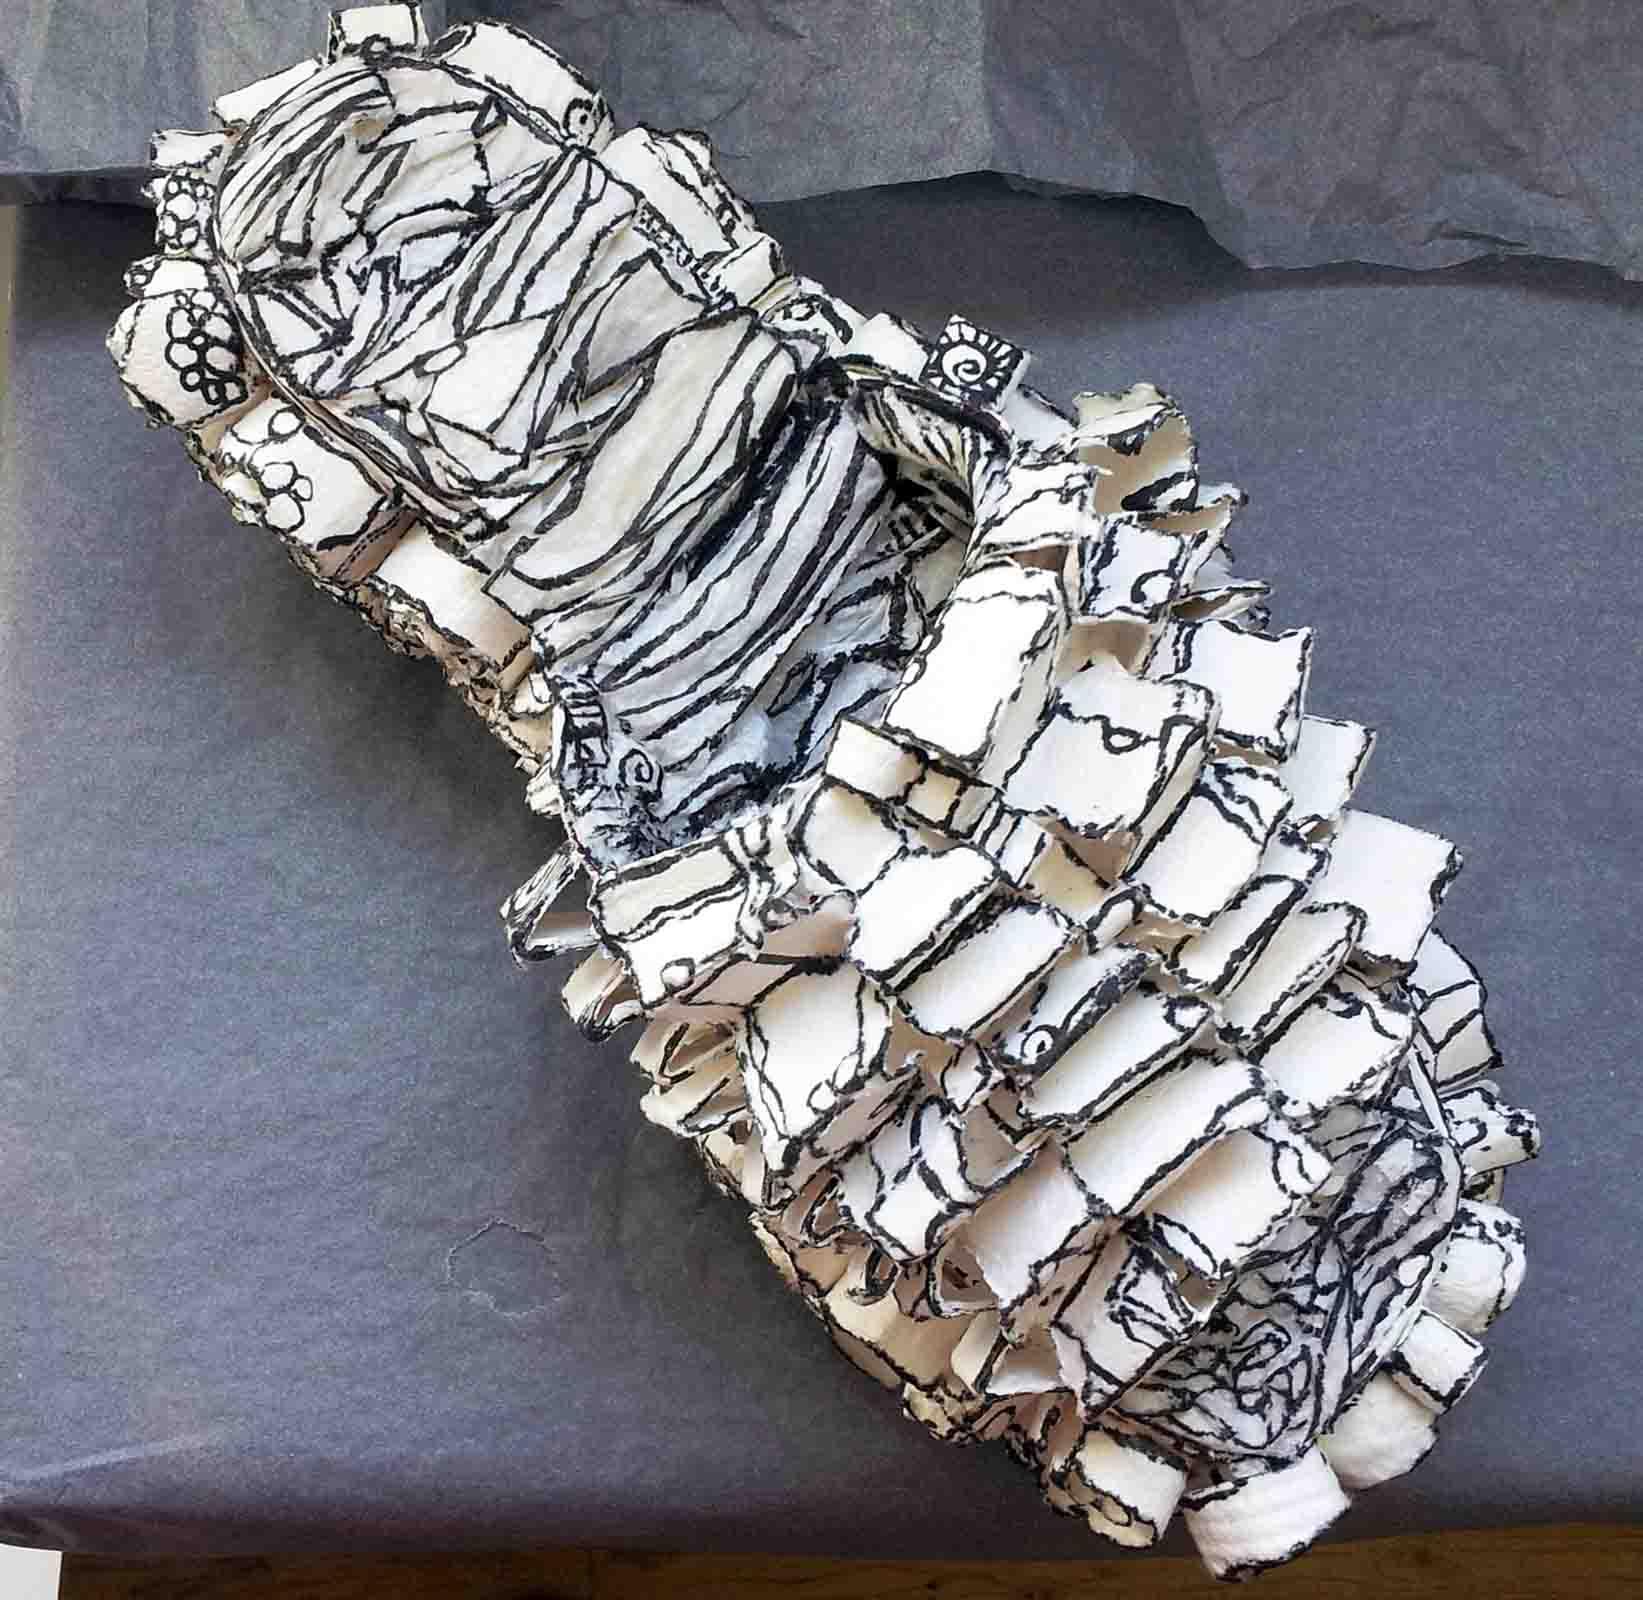 Souliers sculptés en cellulose et rehaussés d'encre de Chine noire